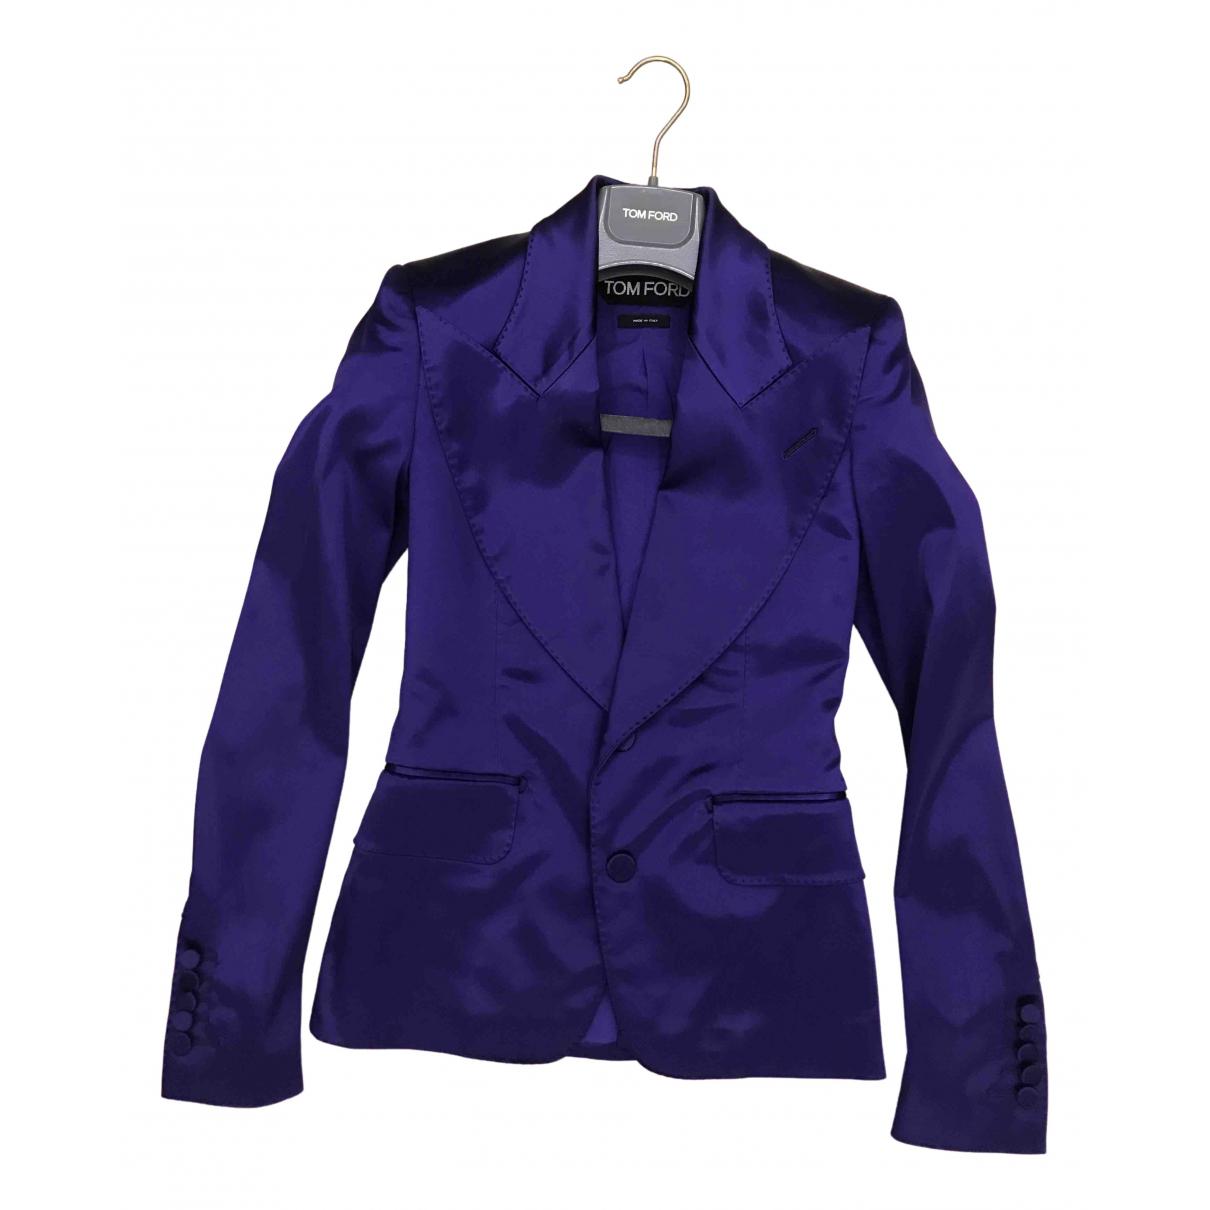 Tom Ford - Veste   pour femme en soie - violet